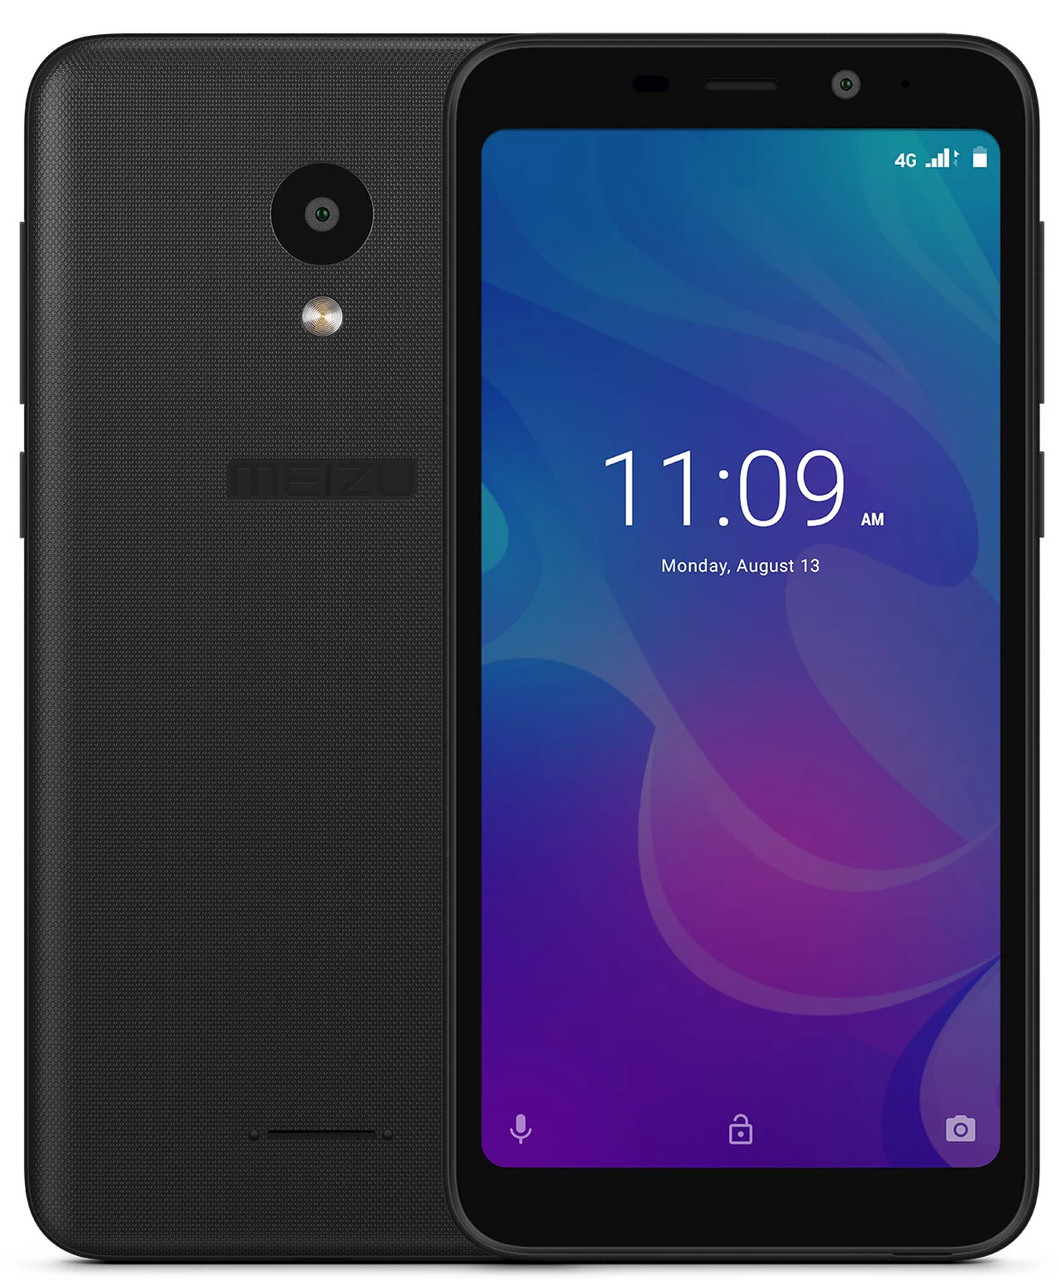 Сенсорный мобильный телефон Meizu M818H C9 2/16Gb LTE Dual Black EU